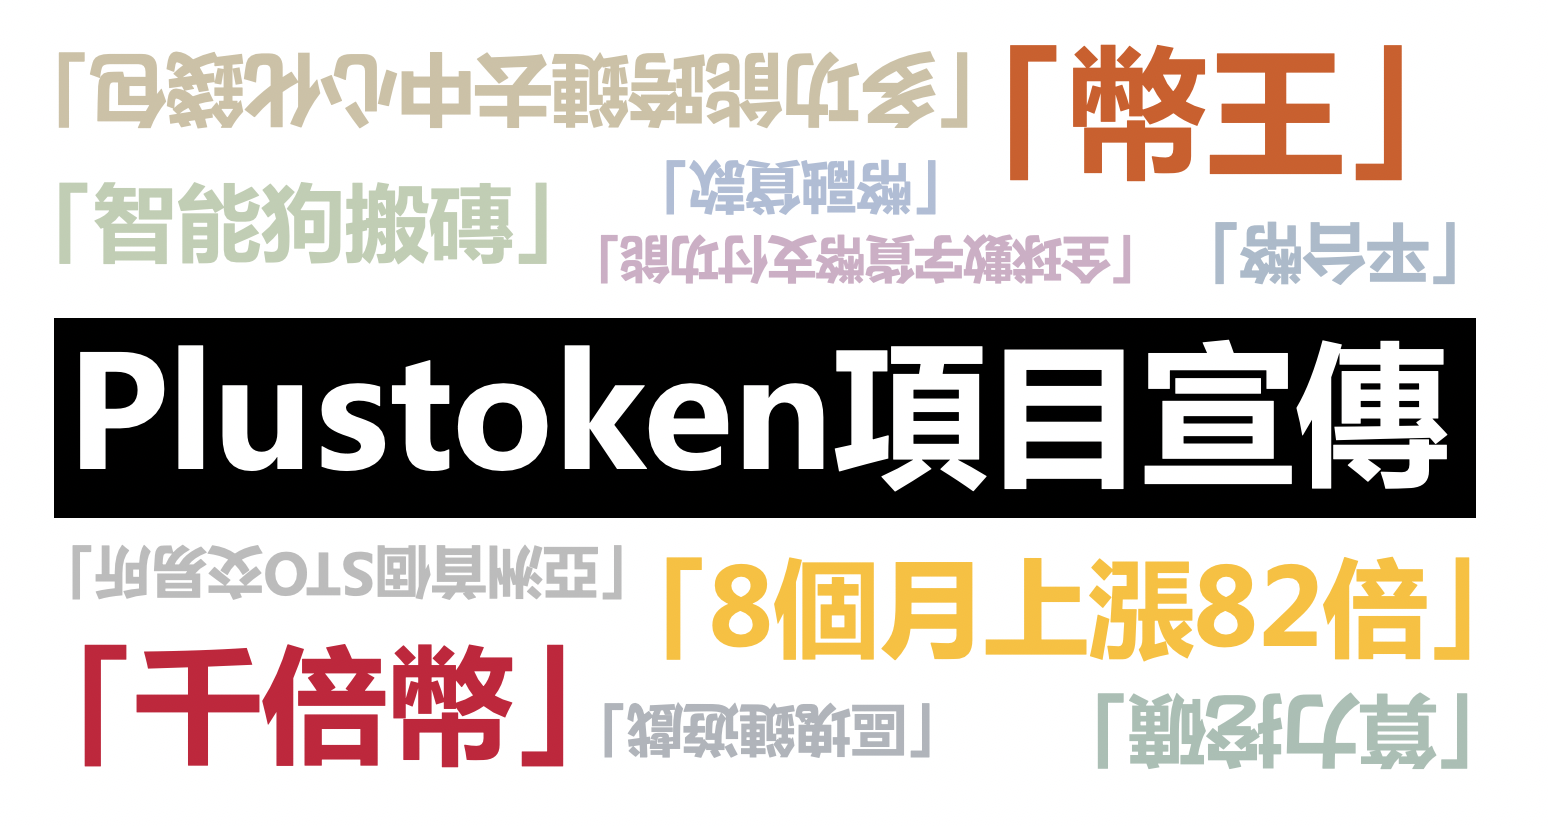 「幣圈第一傳銷盤」Plustoken目前無法提現 涉及資金逾200億